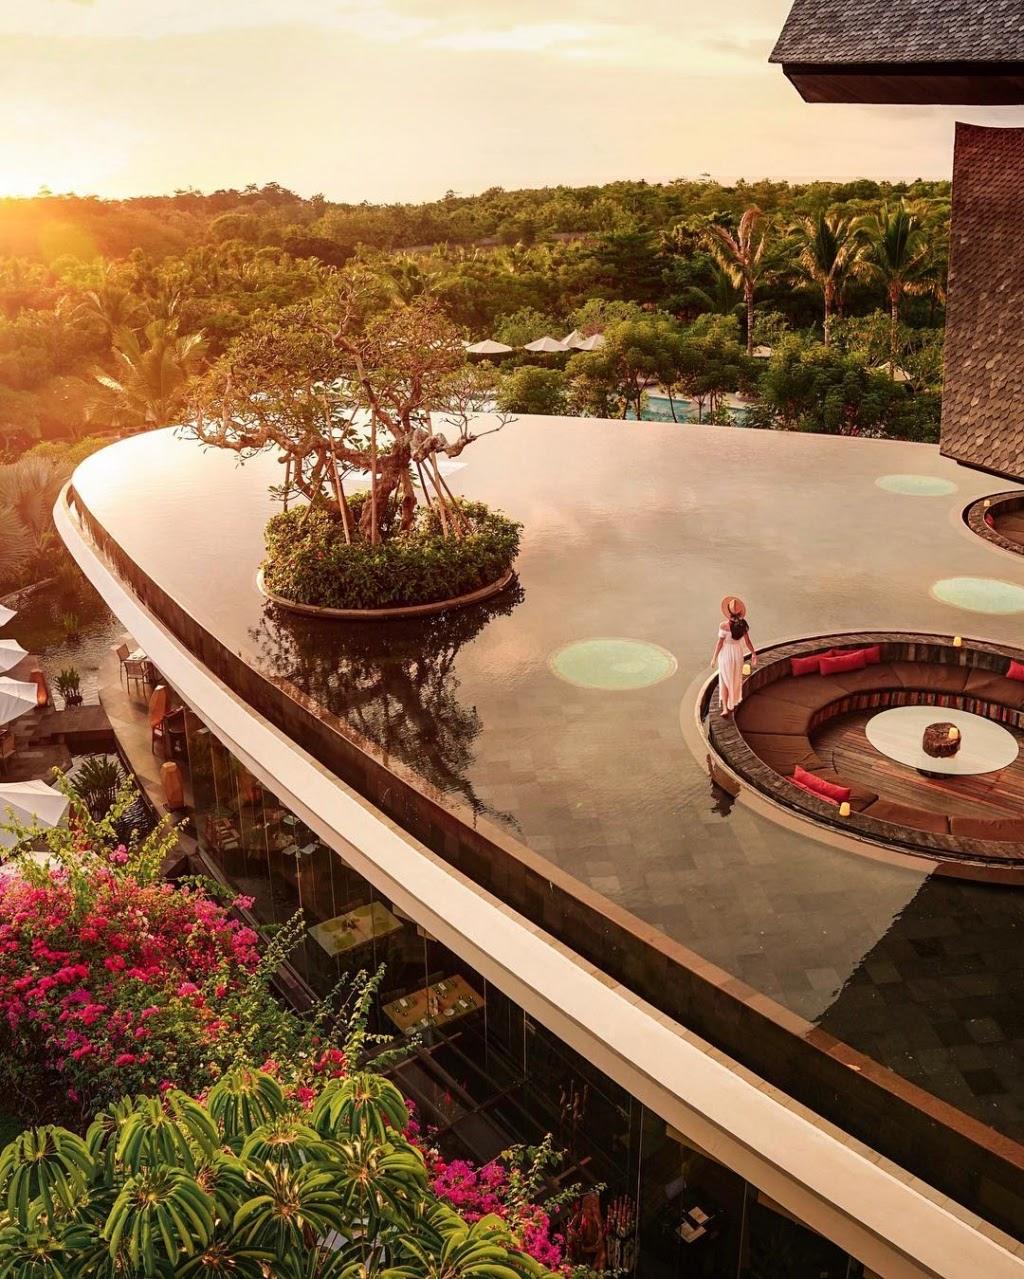 Khung cảnh resort 5 sao tại Bali đẹp như mơ